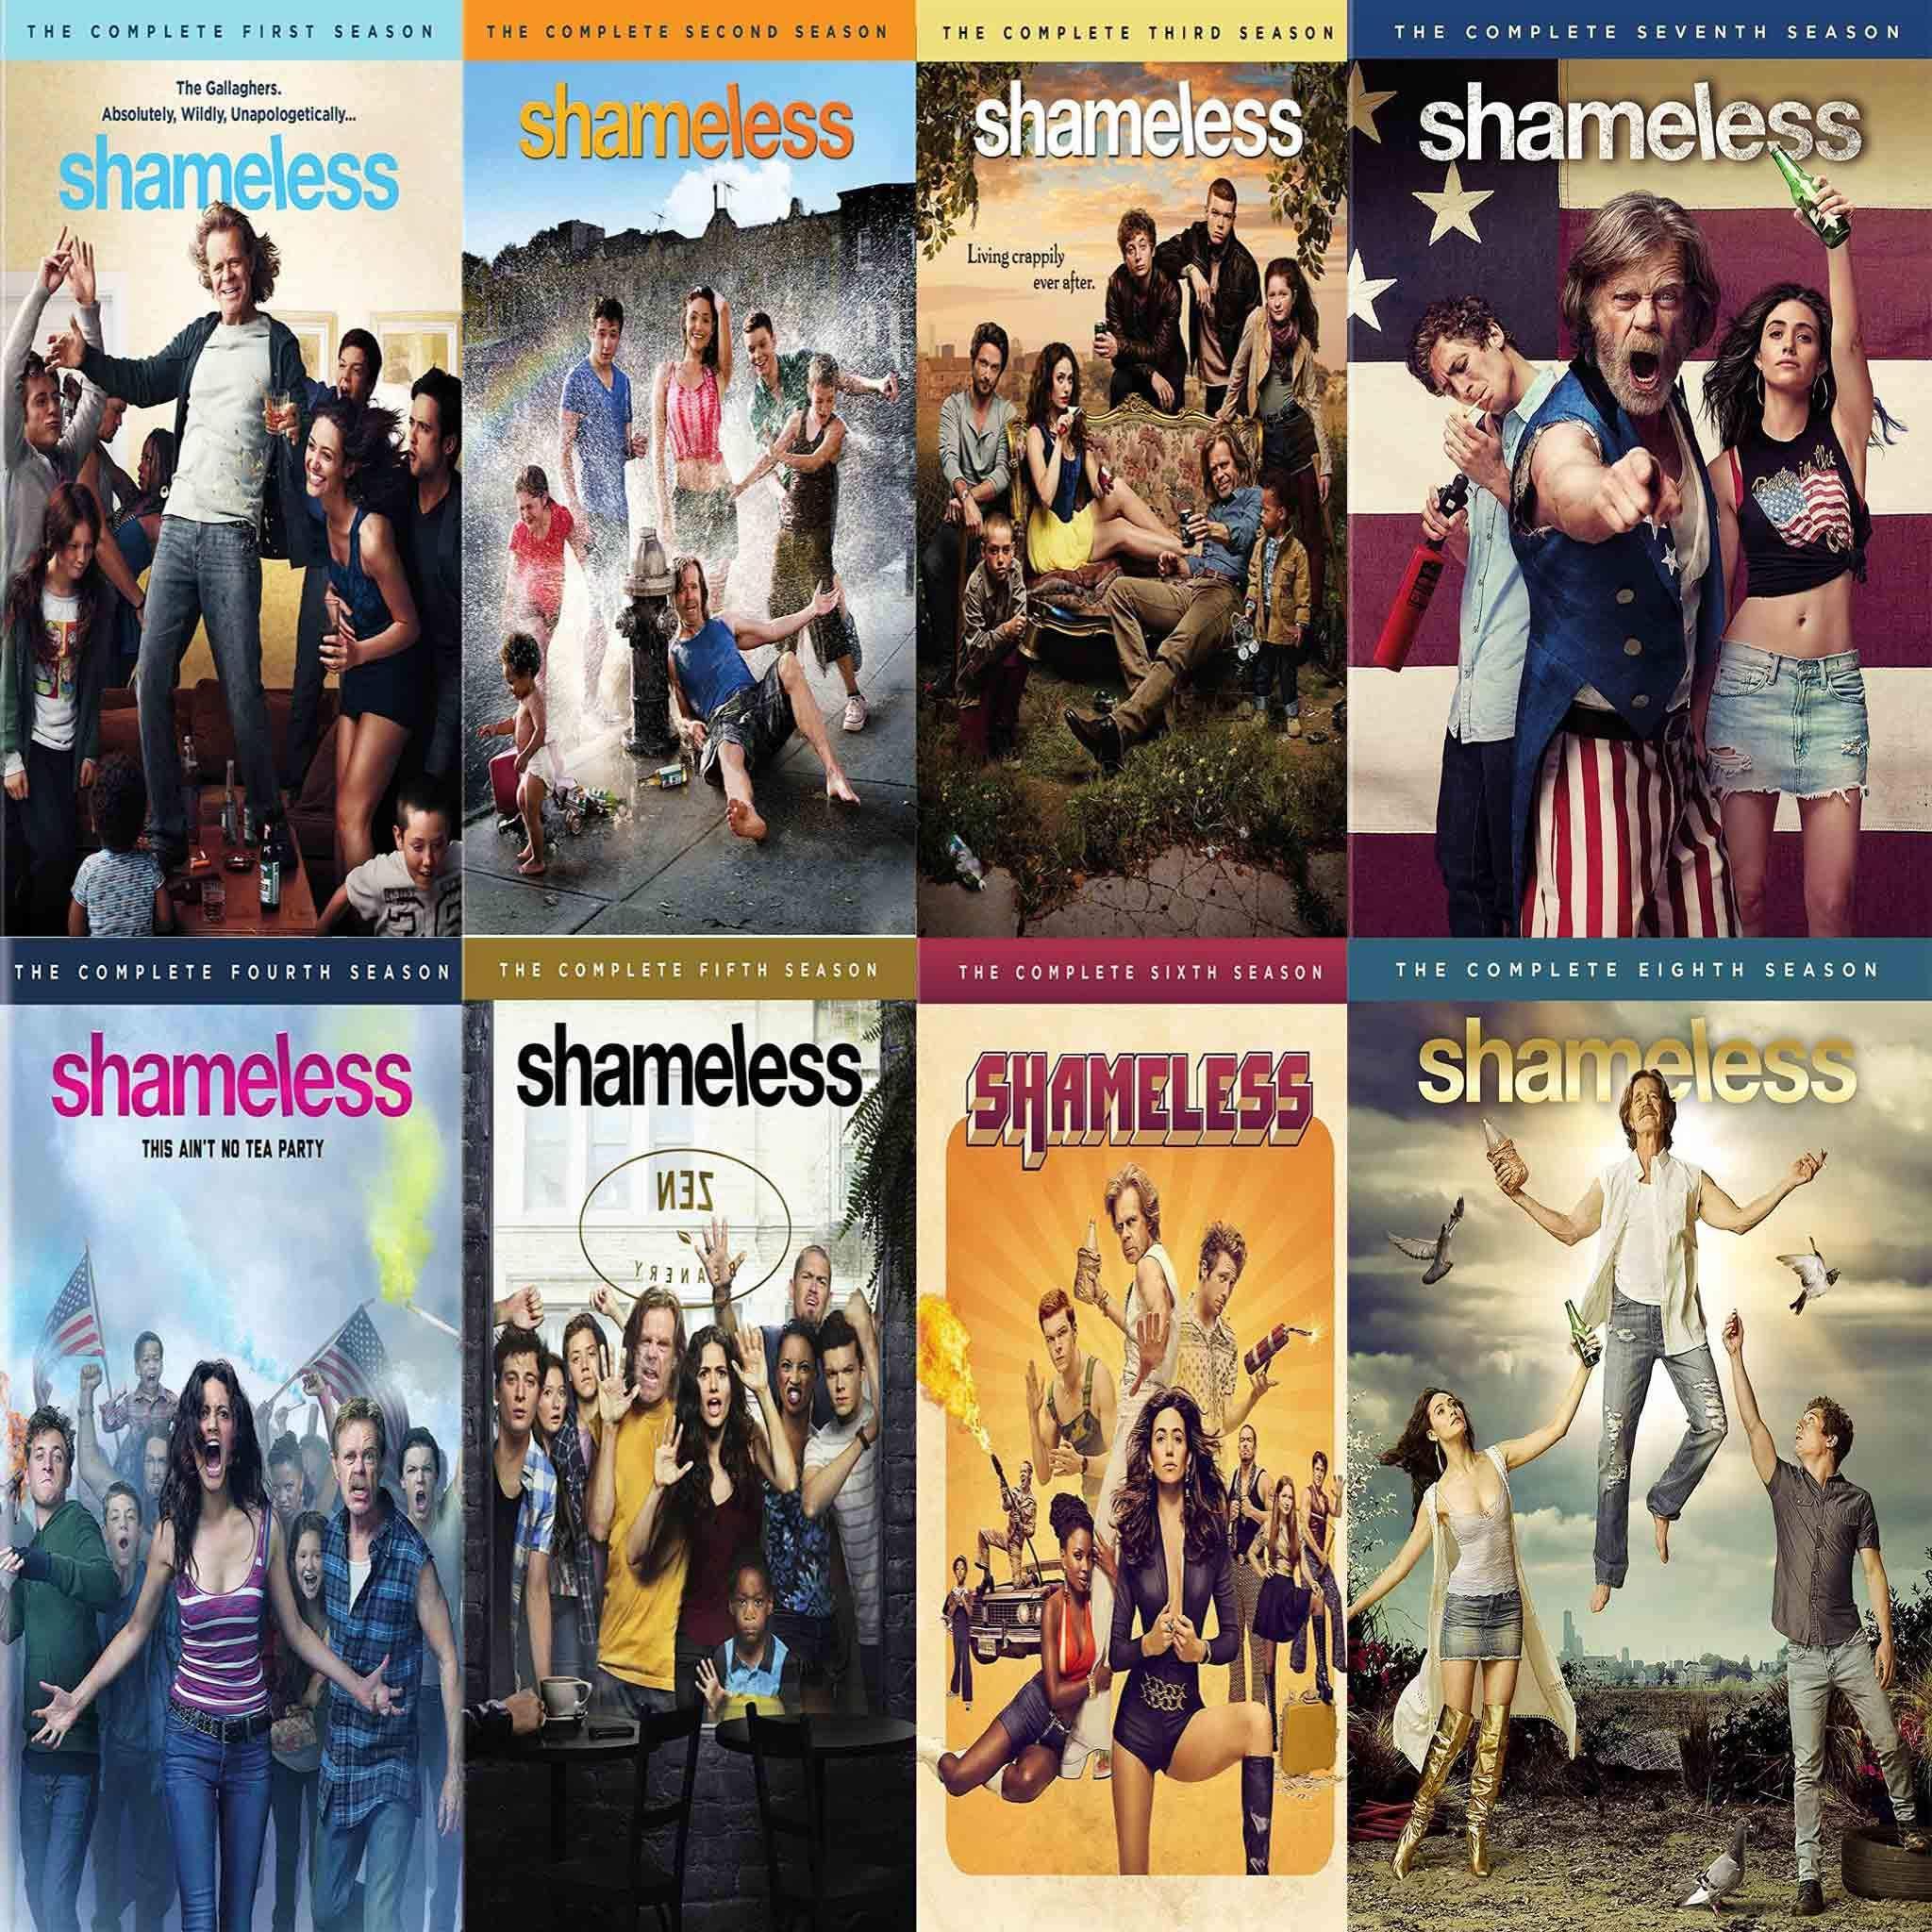 Shameless Tv Series Seasons 1 10 Dvd Set Shameless Season 1 Shameless Dvd Shameless Series